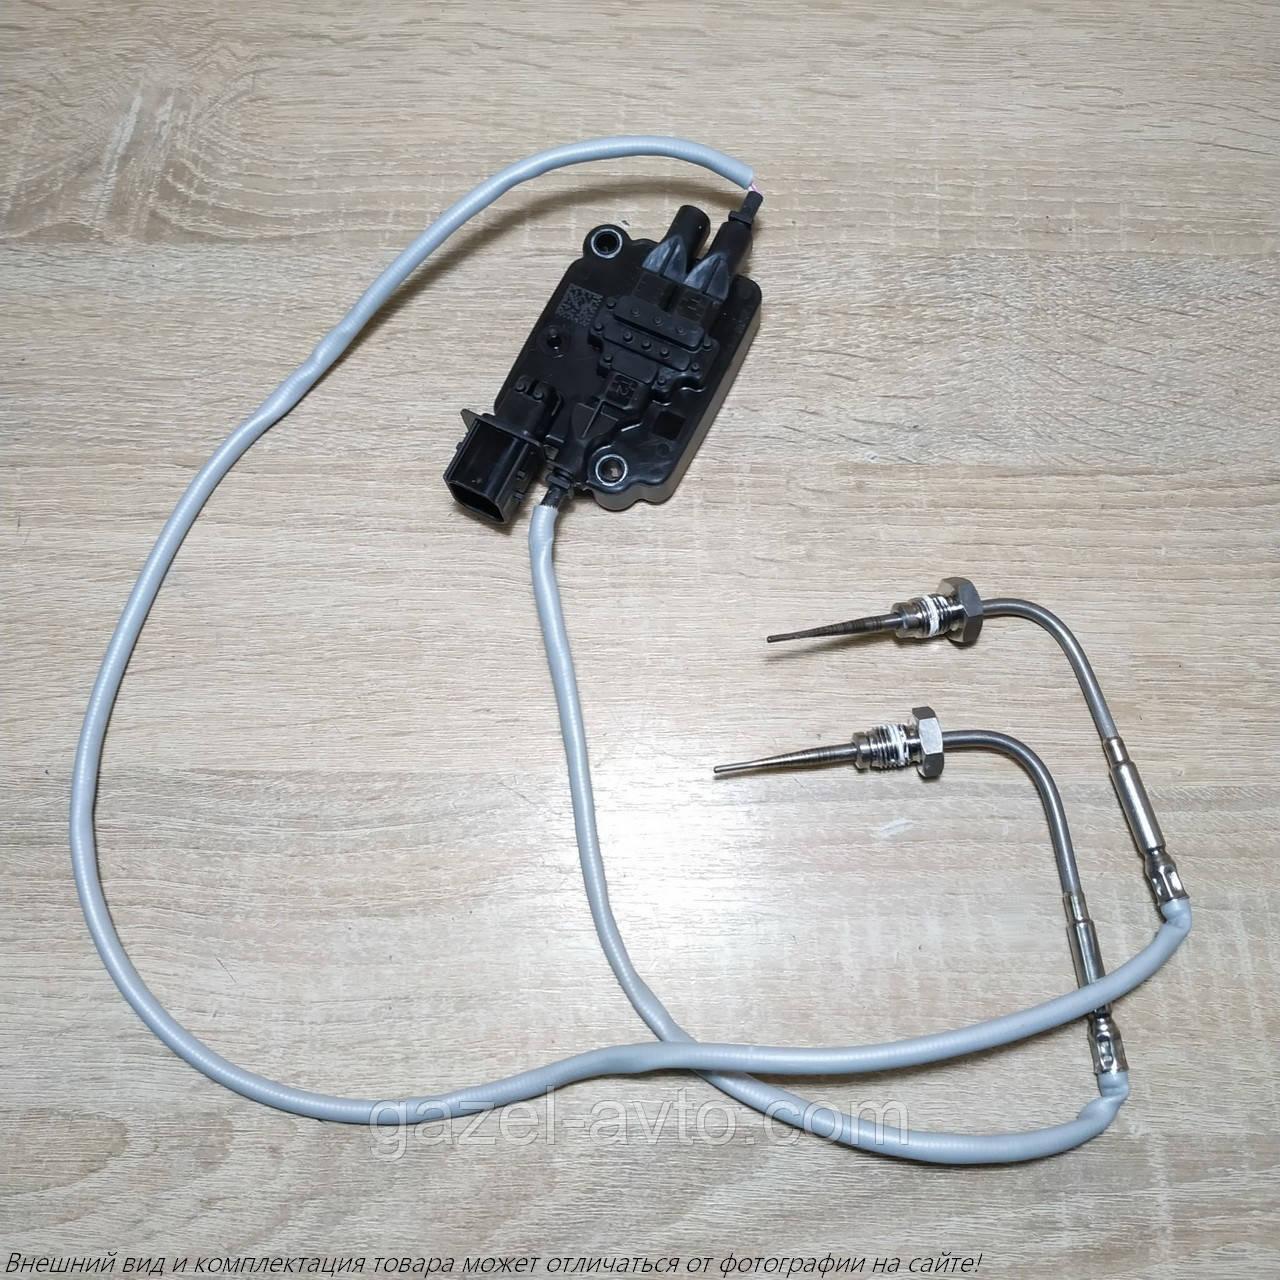 Блок датчиков температуры нейтрализатора Газель Соболь Рута NEXT,Бизнес Cummins ISF 2.8 Euro-5 покупн. ГАЗ